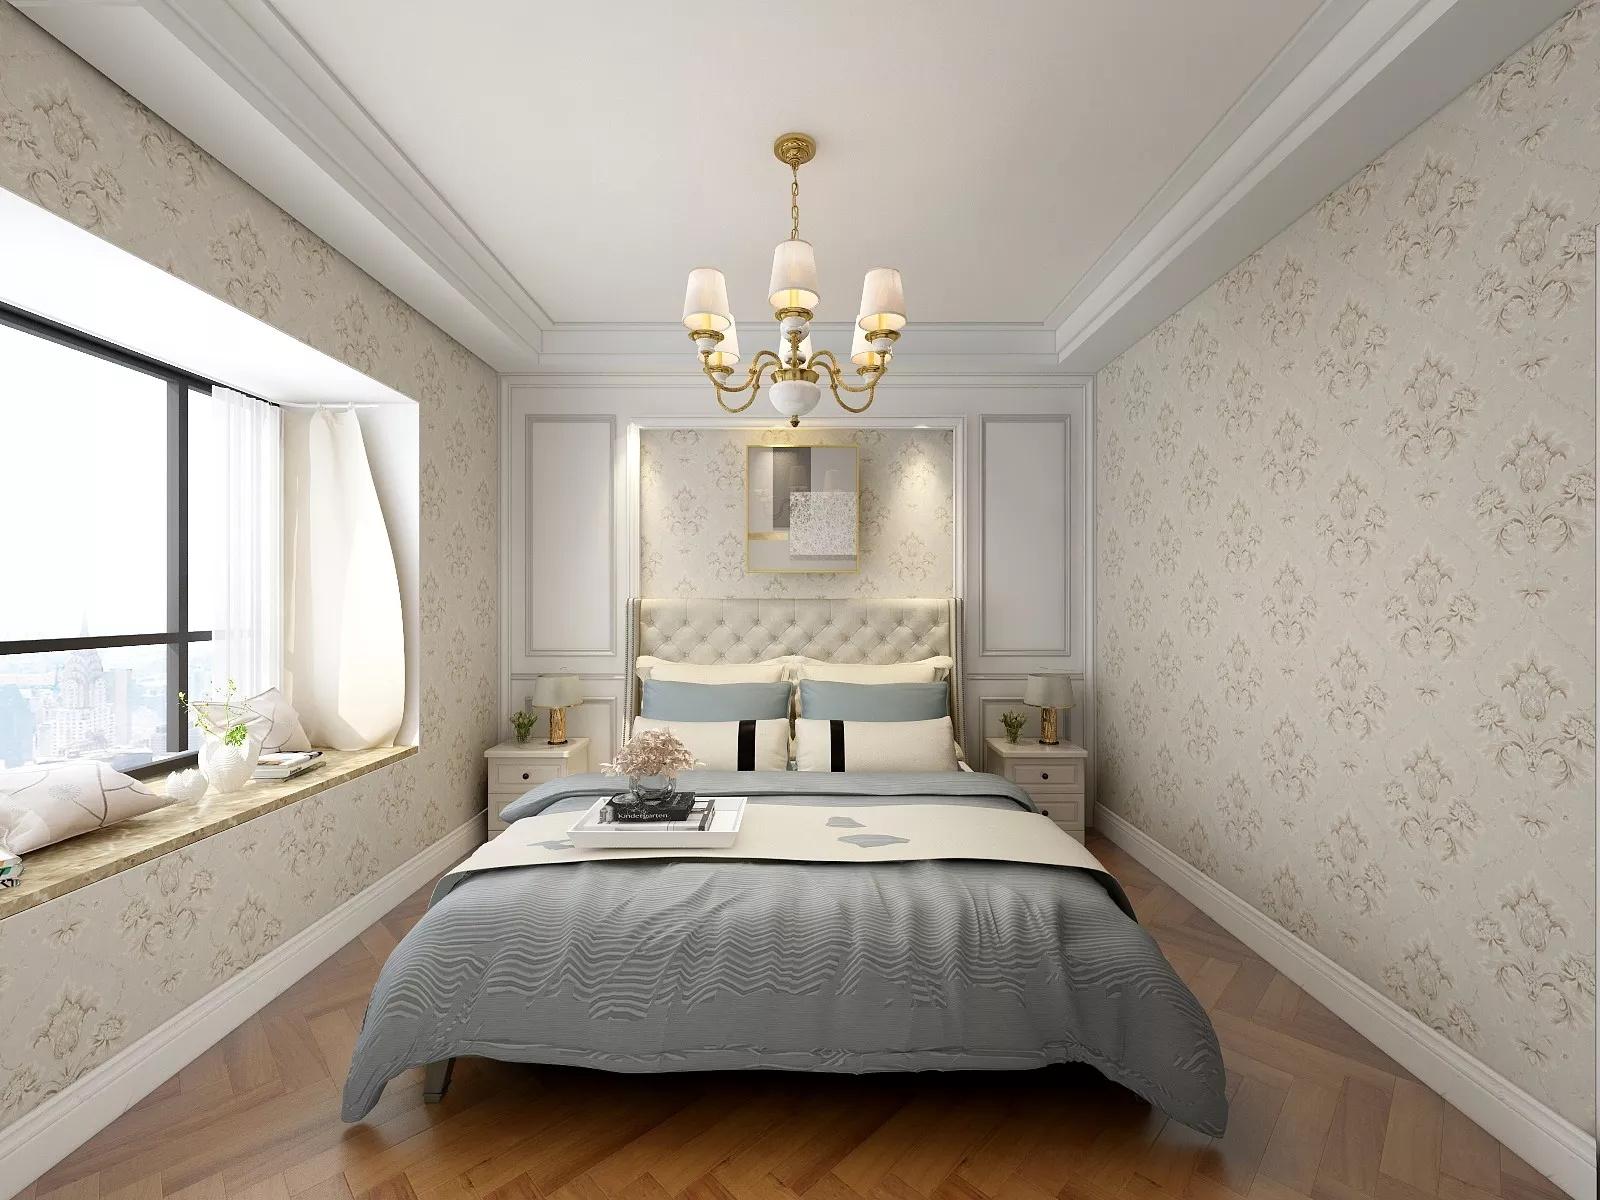 女生卧室简约装修要怎么做?女生卧室如何简约设计?